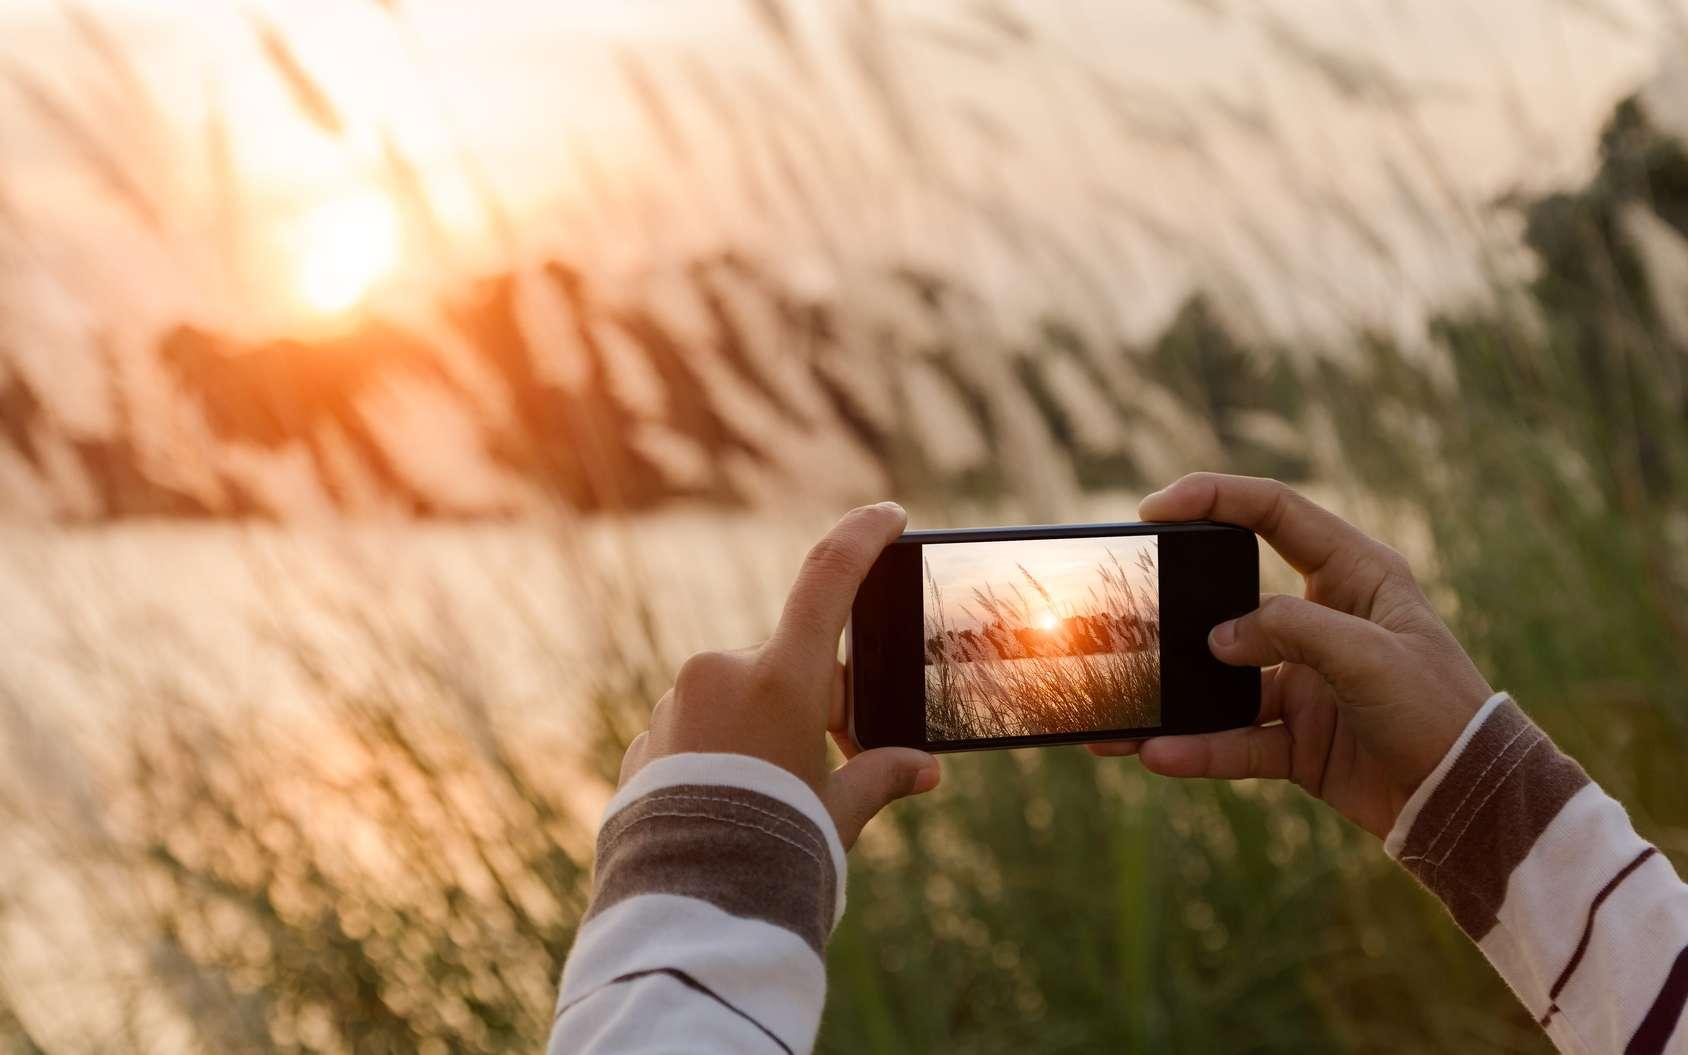 iOS 11 : comment désactiver le format HEIF ? © blackzheep, fotolia